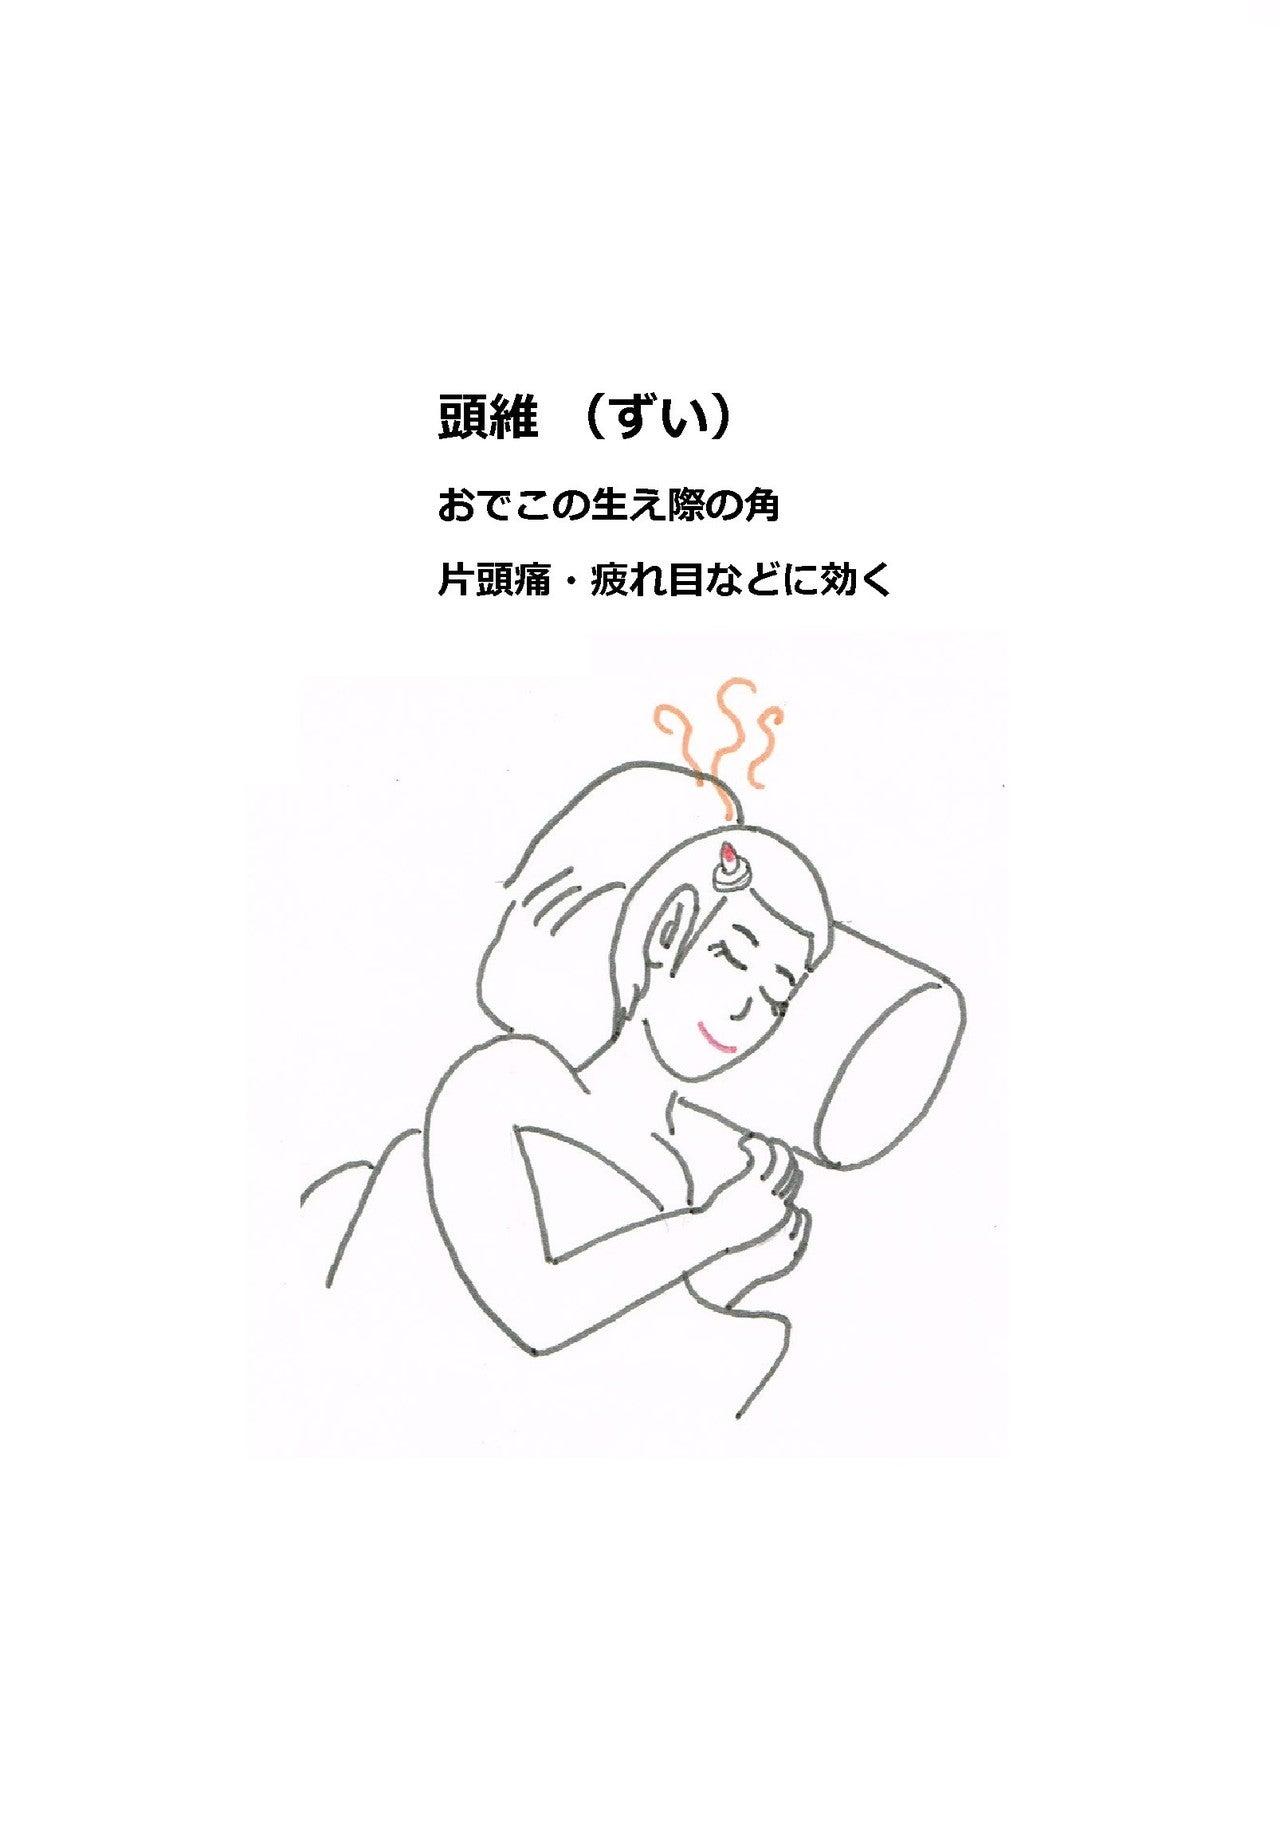 ツボ 偏 頭痛